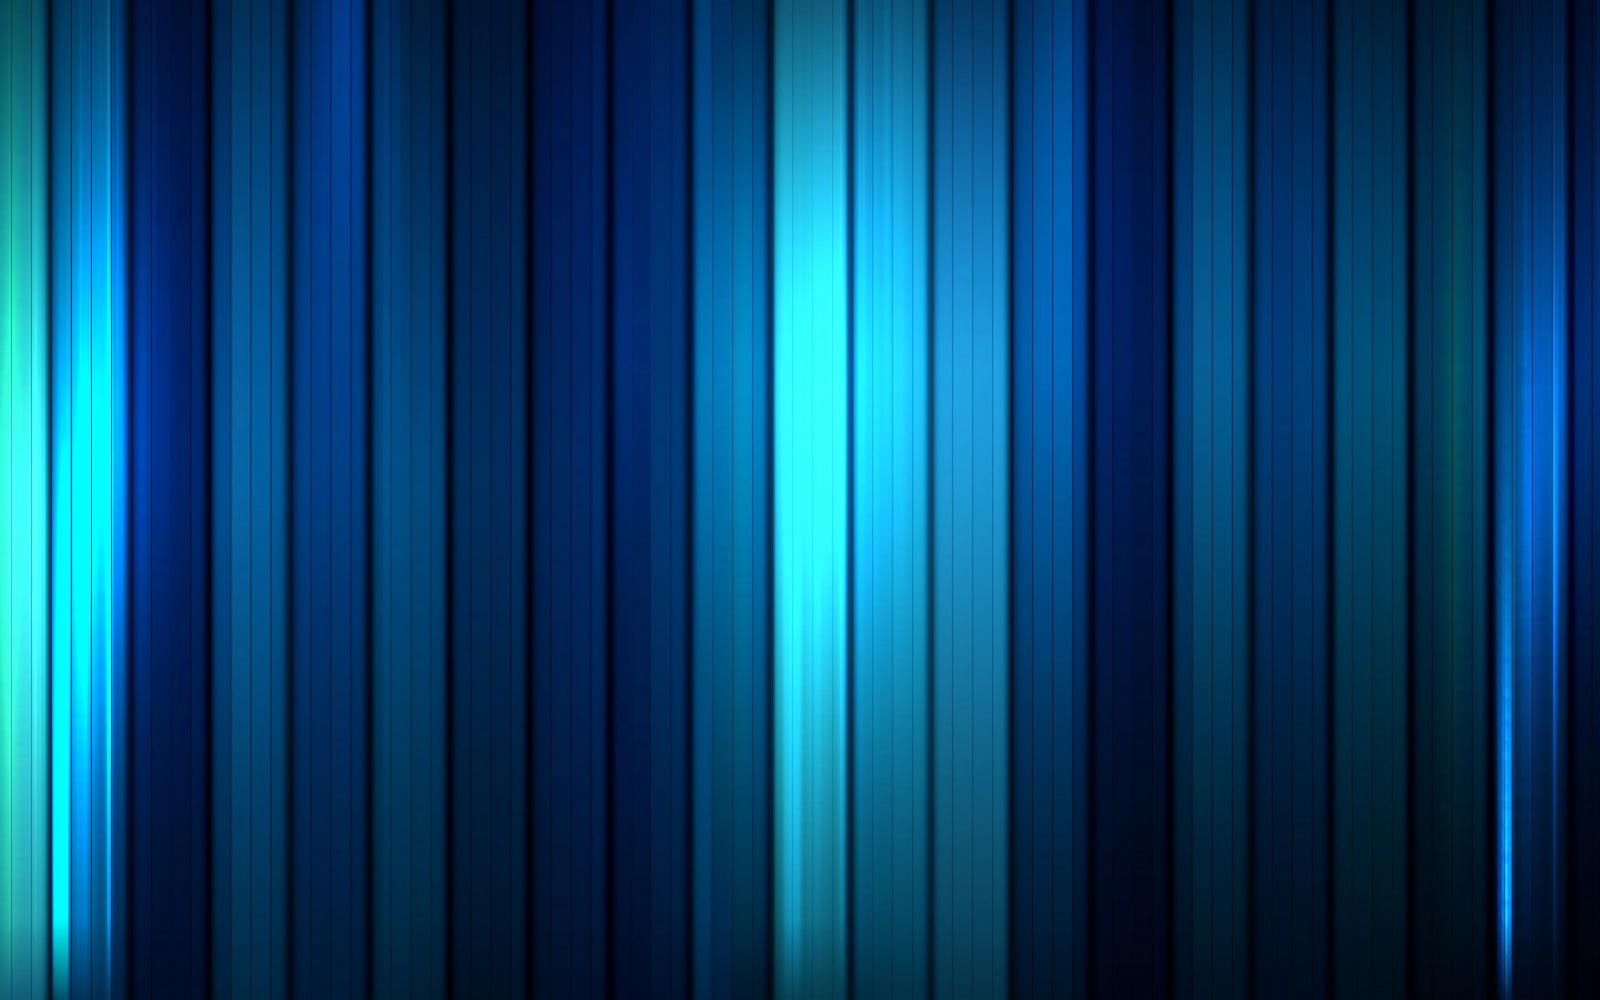 WALLPAPER VIEWS Blue hd wallpaper 3d blue wallpaper new 1600x1000